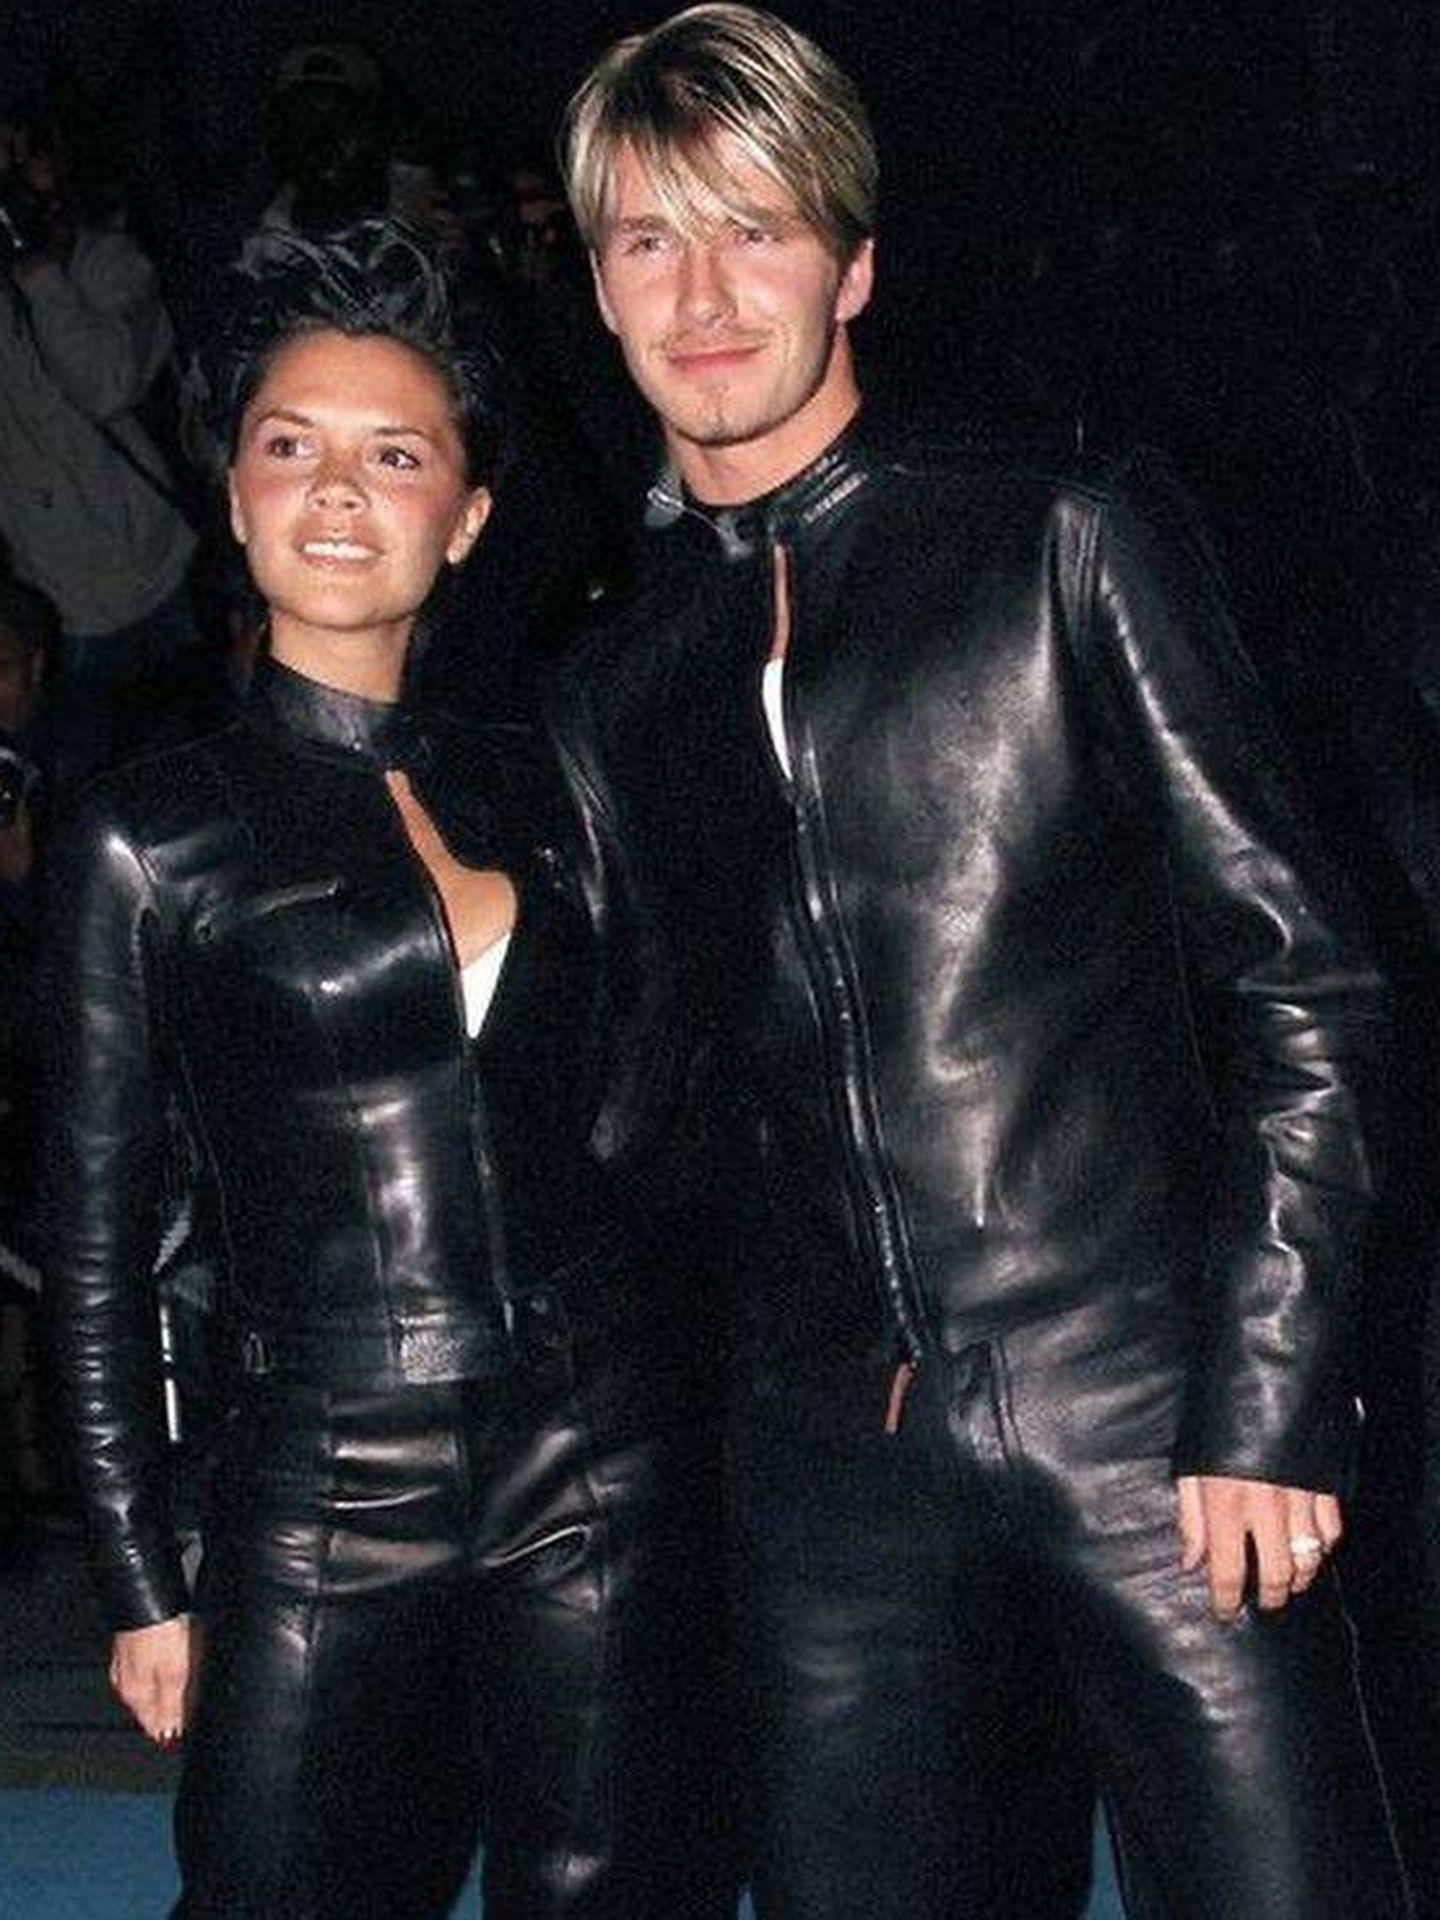 David y Victoria Beckham, en 1998. (Instagram @davidbeckham)